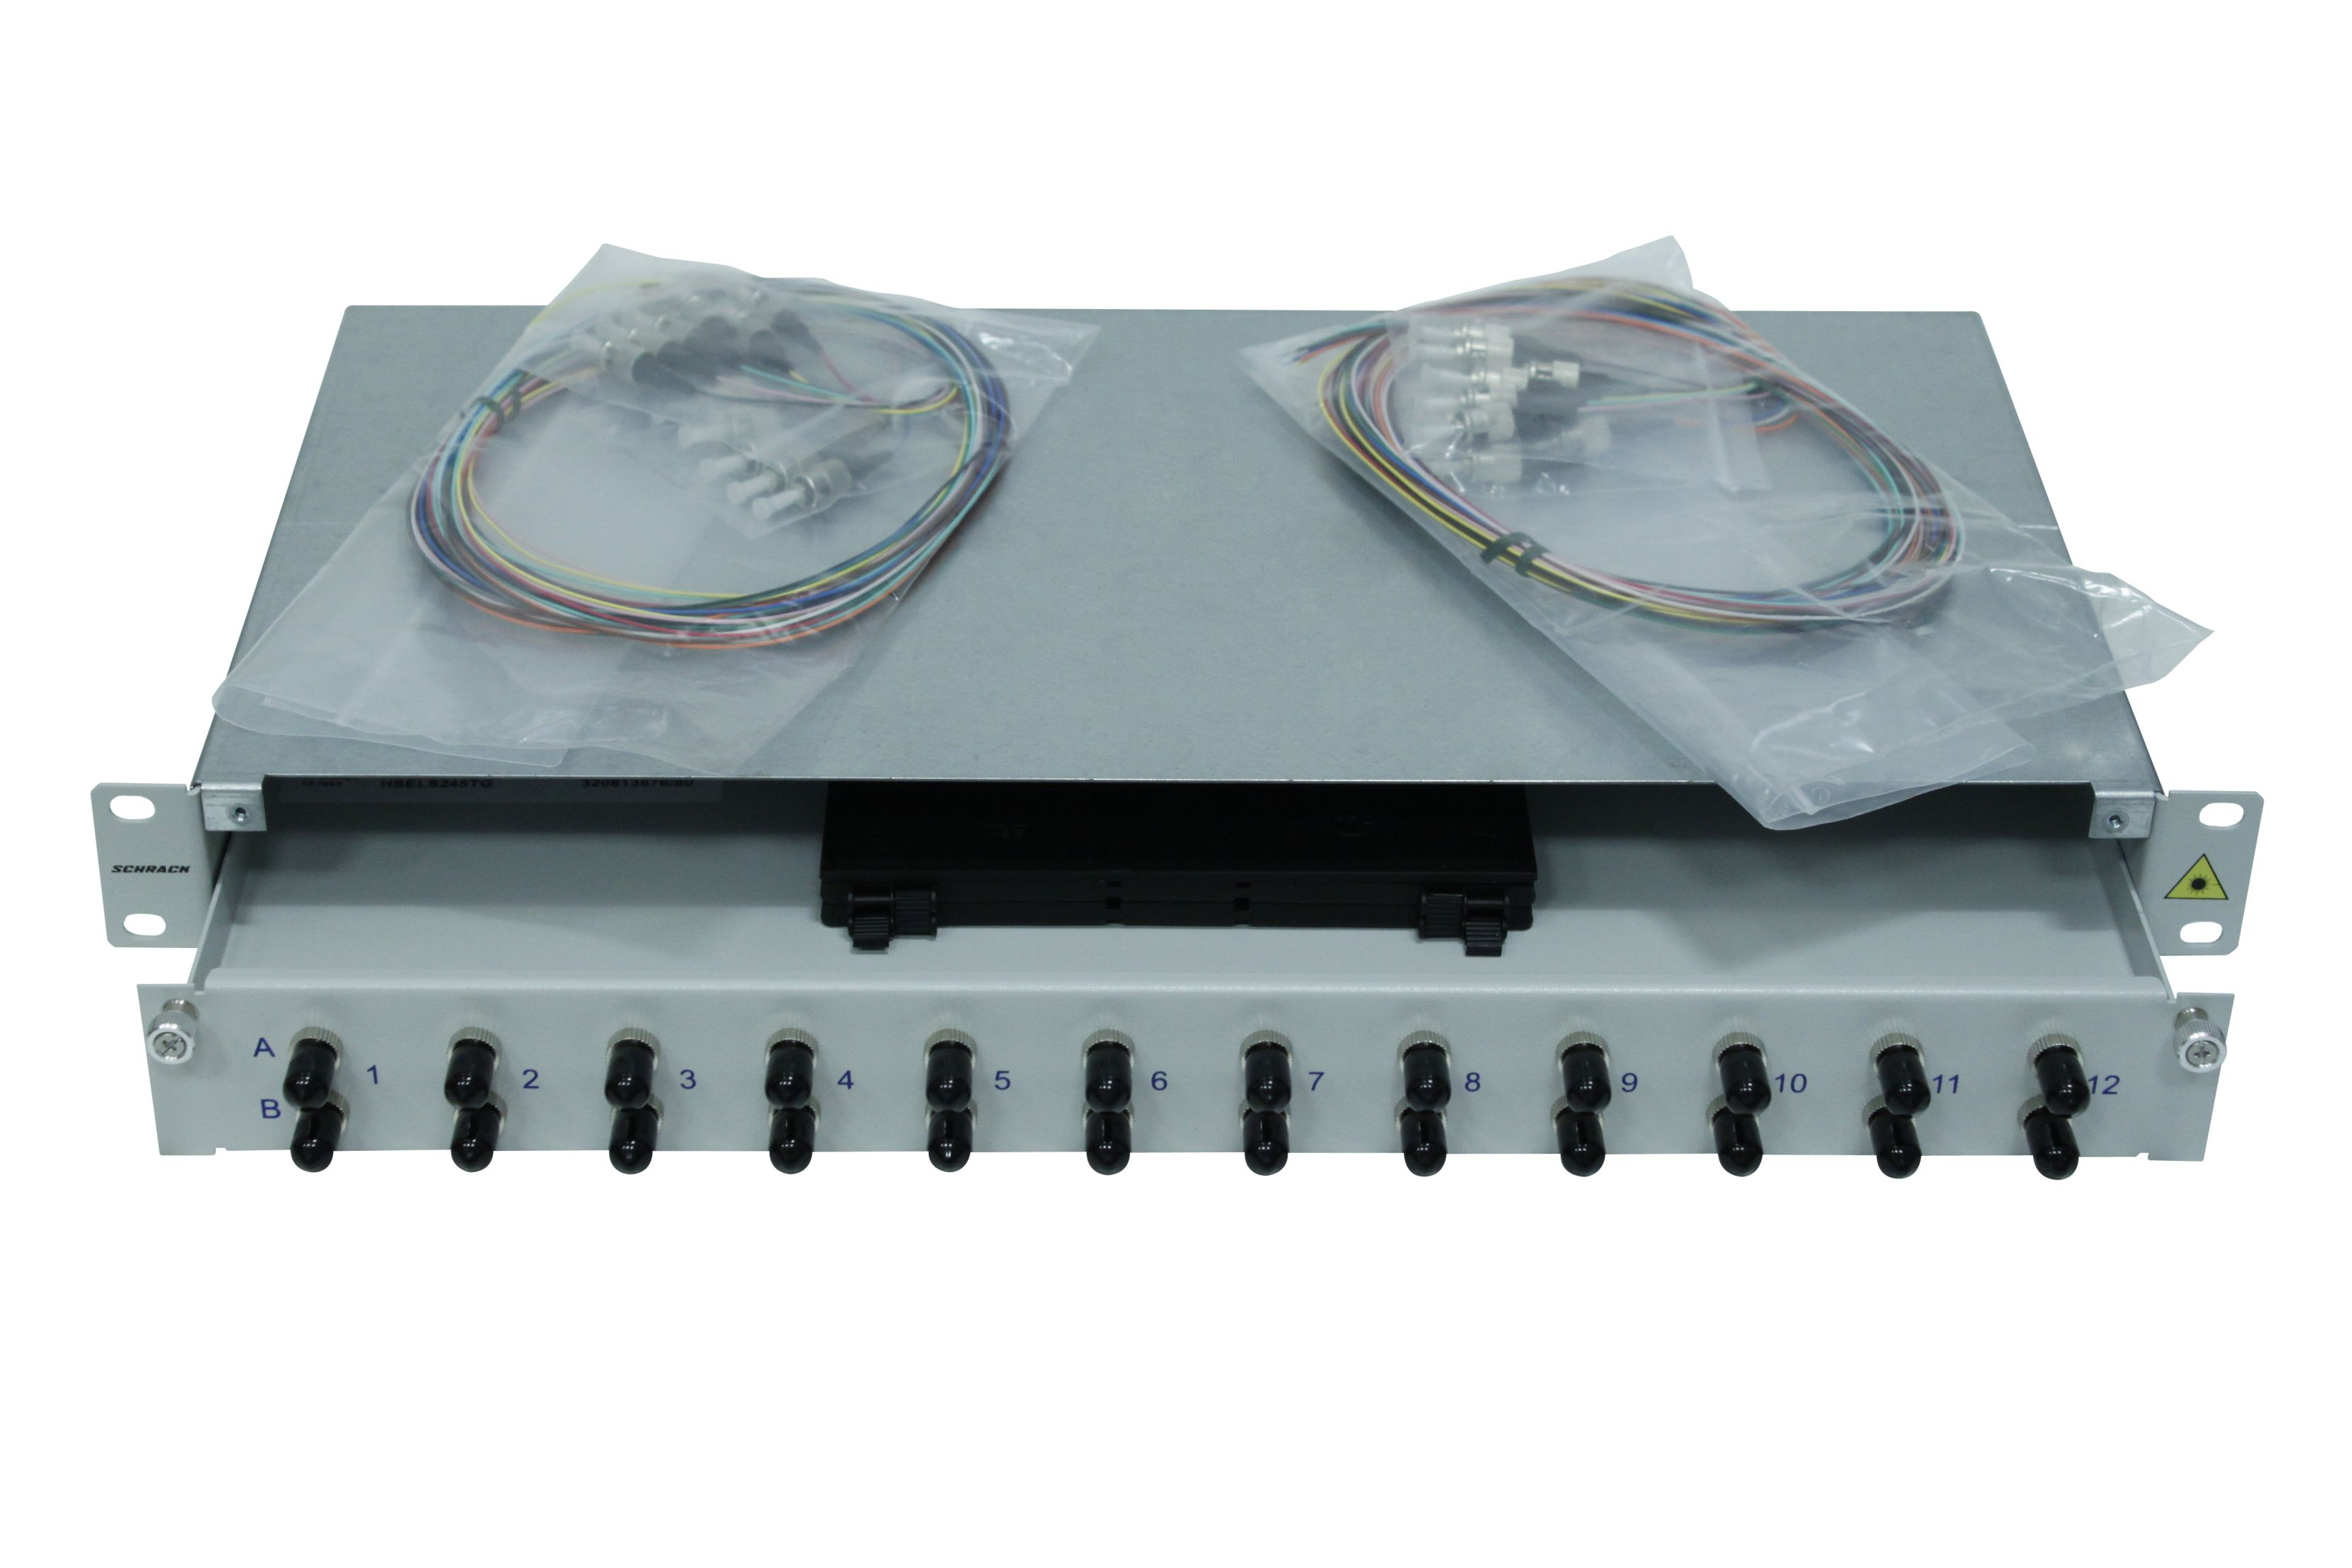 1 Stk LWL Spleißbox,16Fasern,ST,50/125µm OM2, ausziehbar,19,1HE HSELS165TG